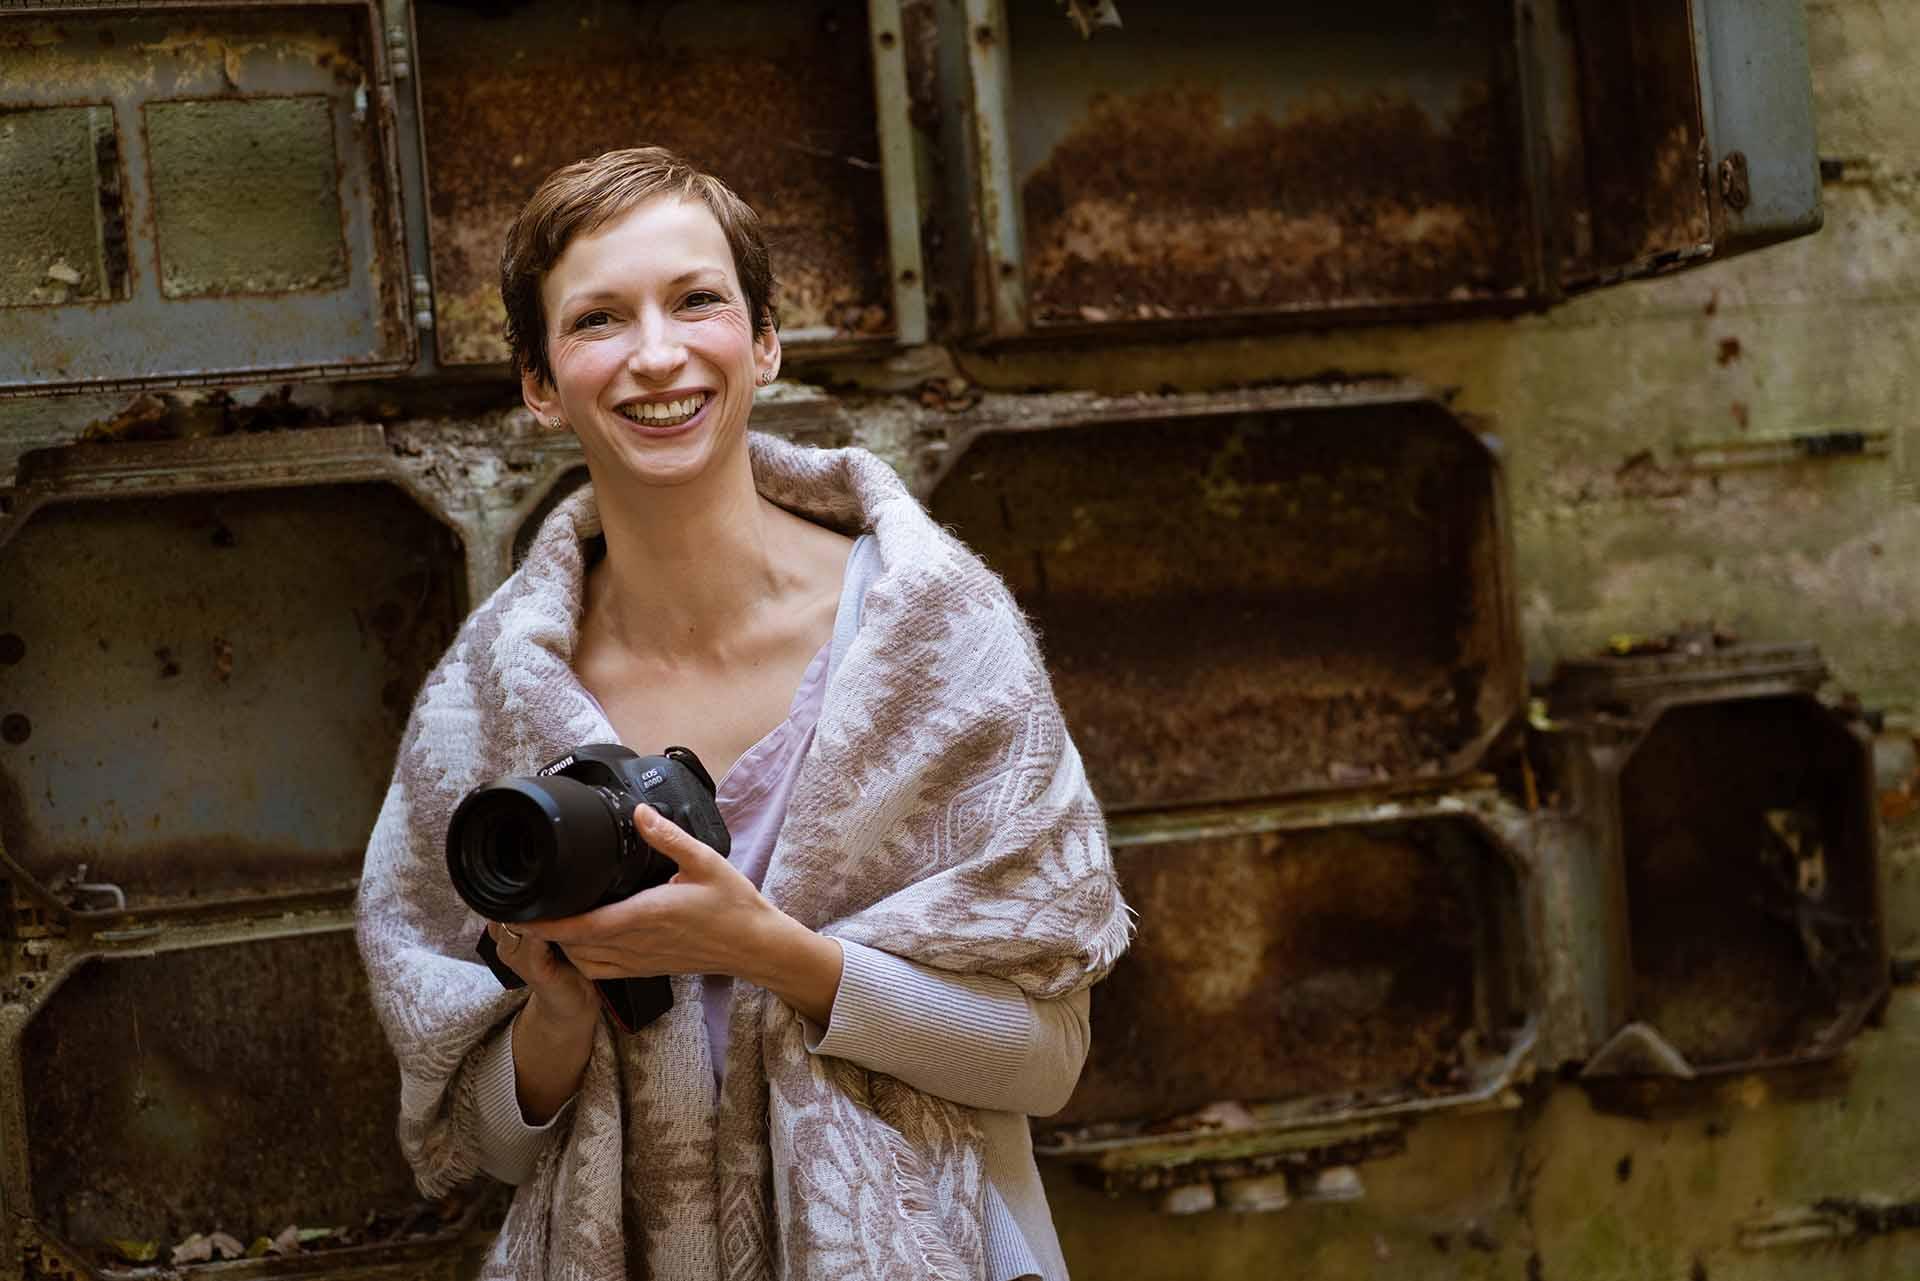 Janine Schmidt trotzte dem Krebs und folgte ihrer Leidenschaft